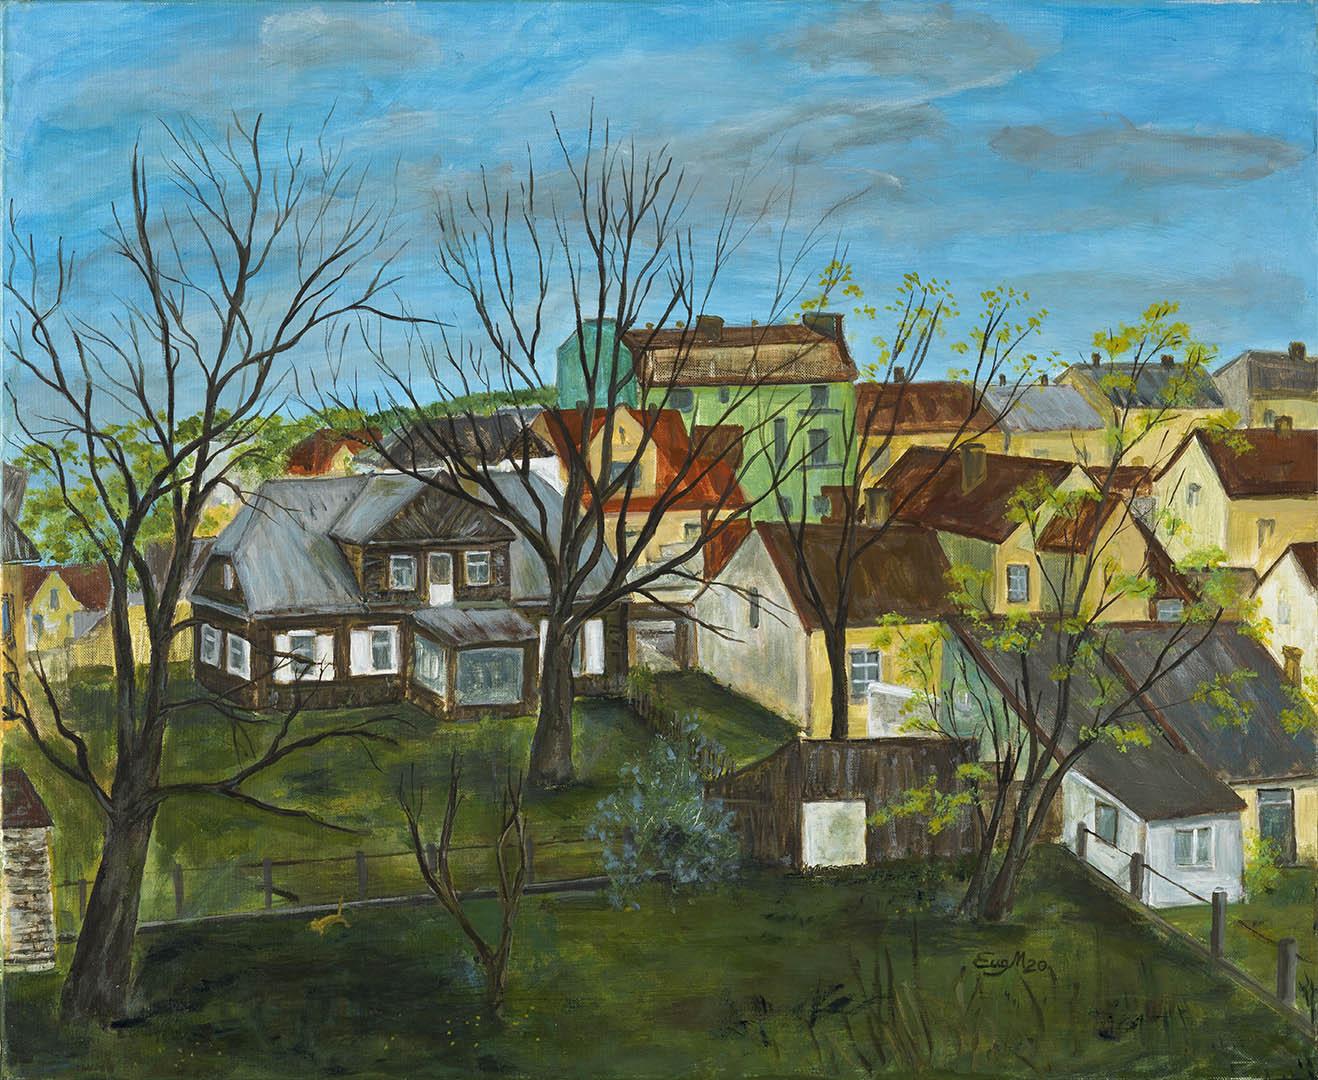 """Eugenija Martinaitytė. """"Pavasaris"""", 2020 m. Drobė, akrilas; 60 x 73 cm"""